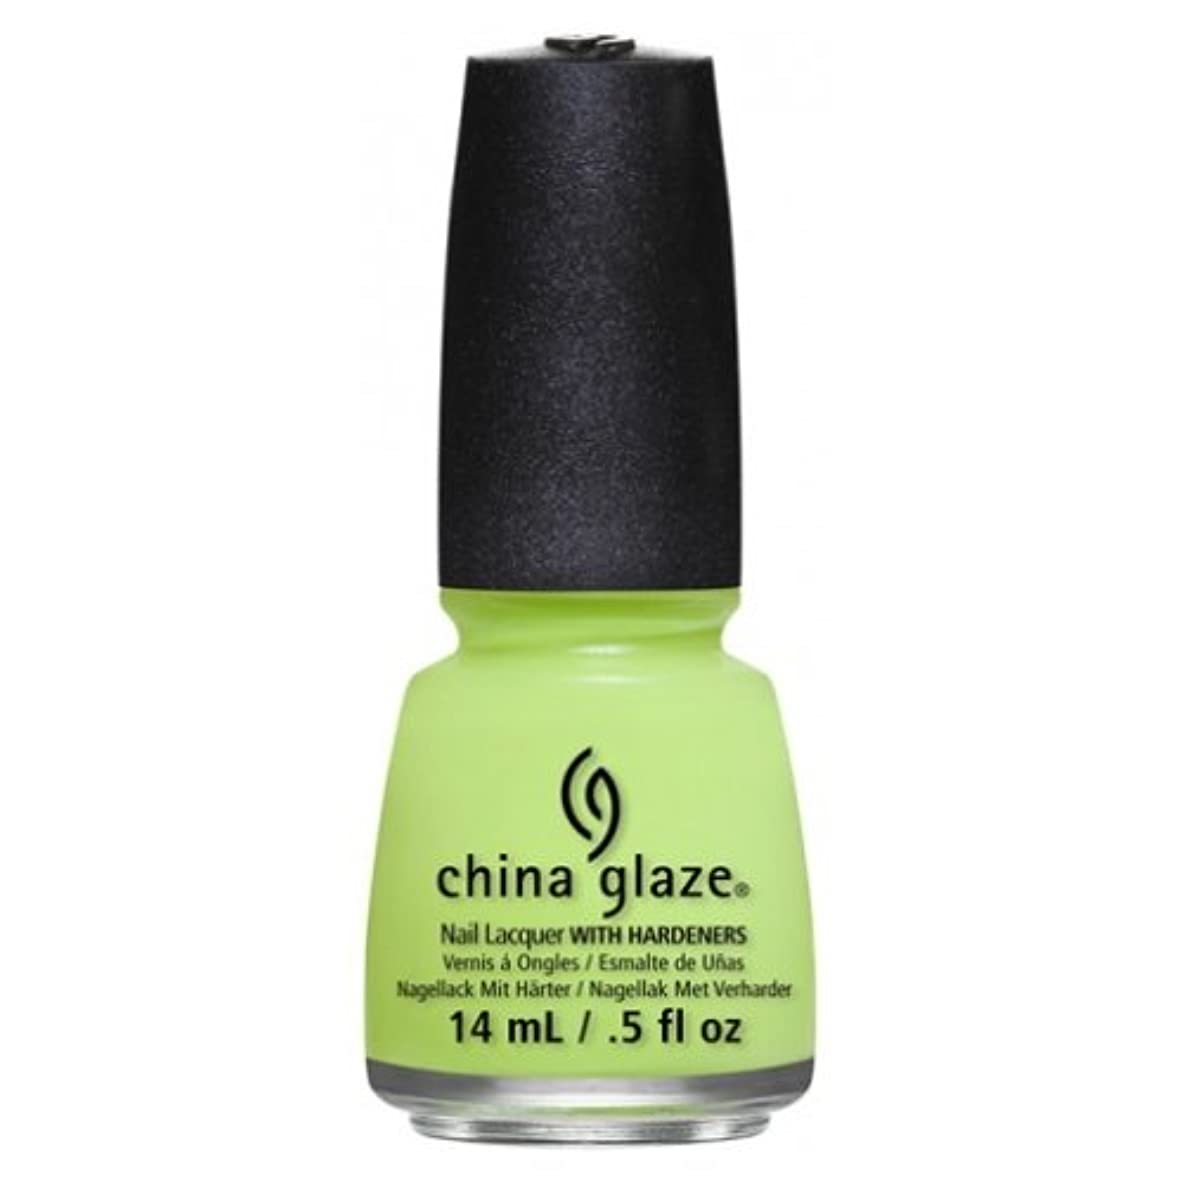 バイナリオーケストラペネロペCHINA GLAZE Nail Lacquer - Art City Flourish - Grass Is Lime Greener (並行輸入品)